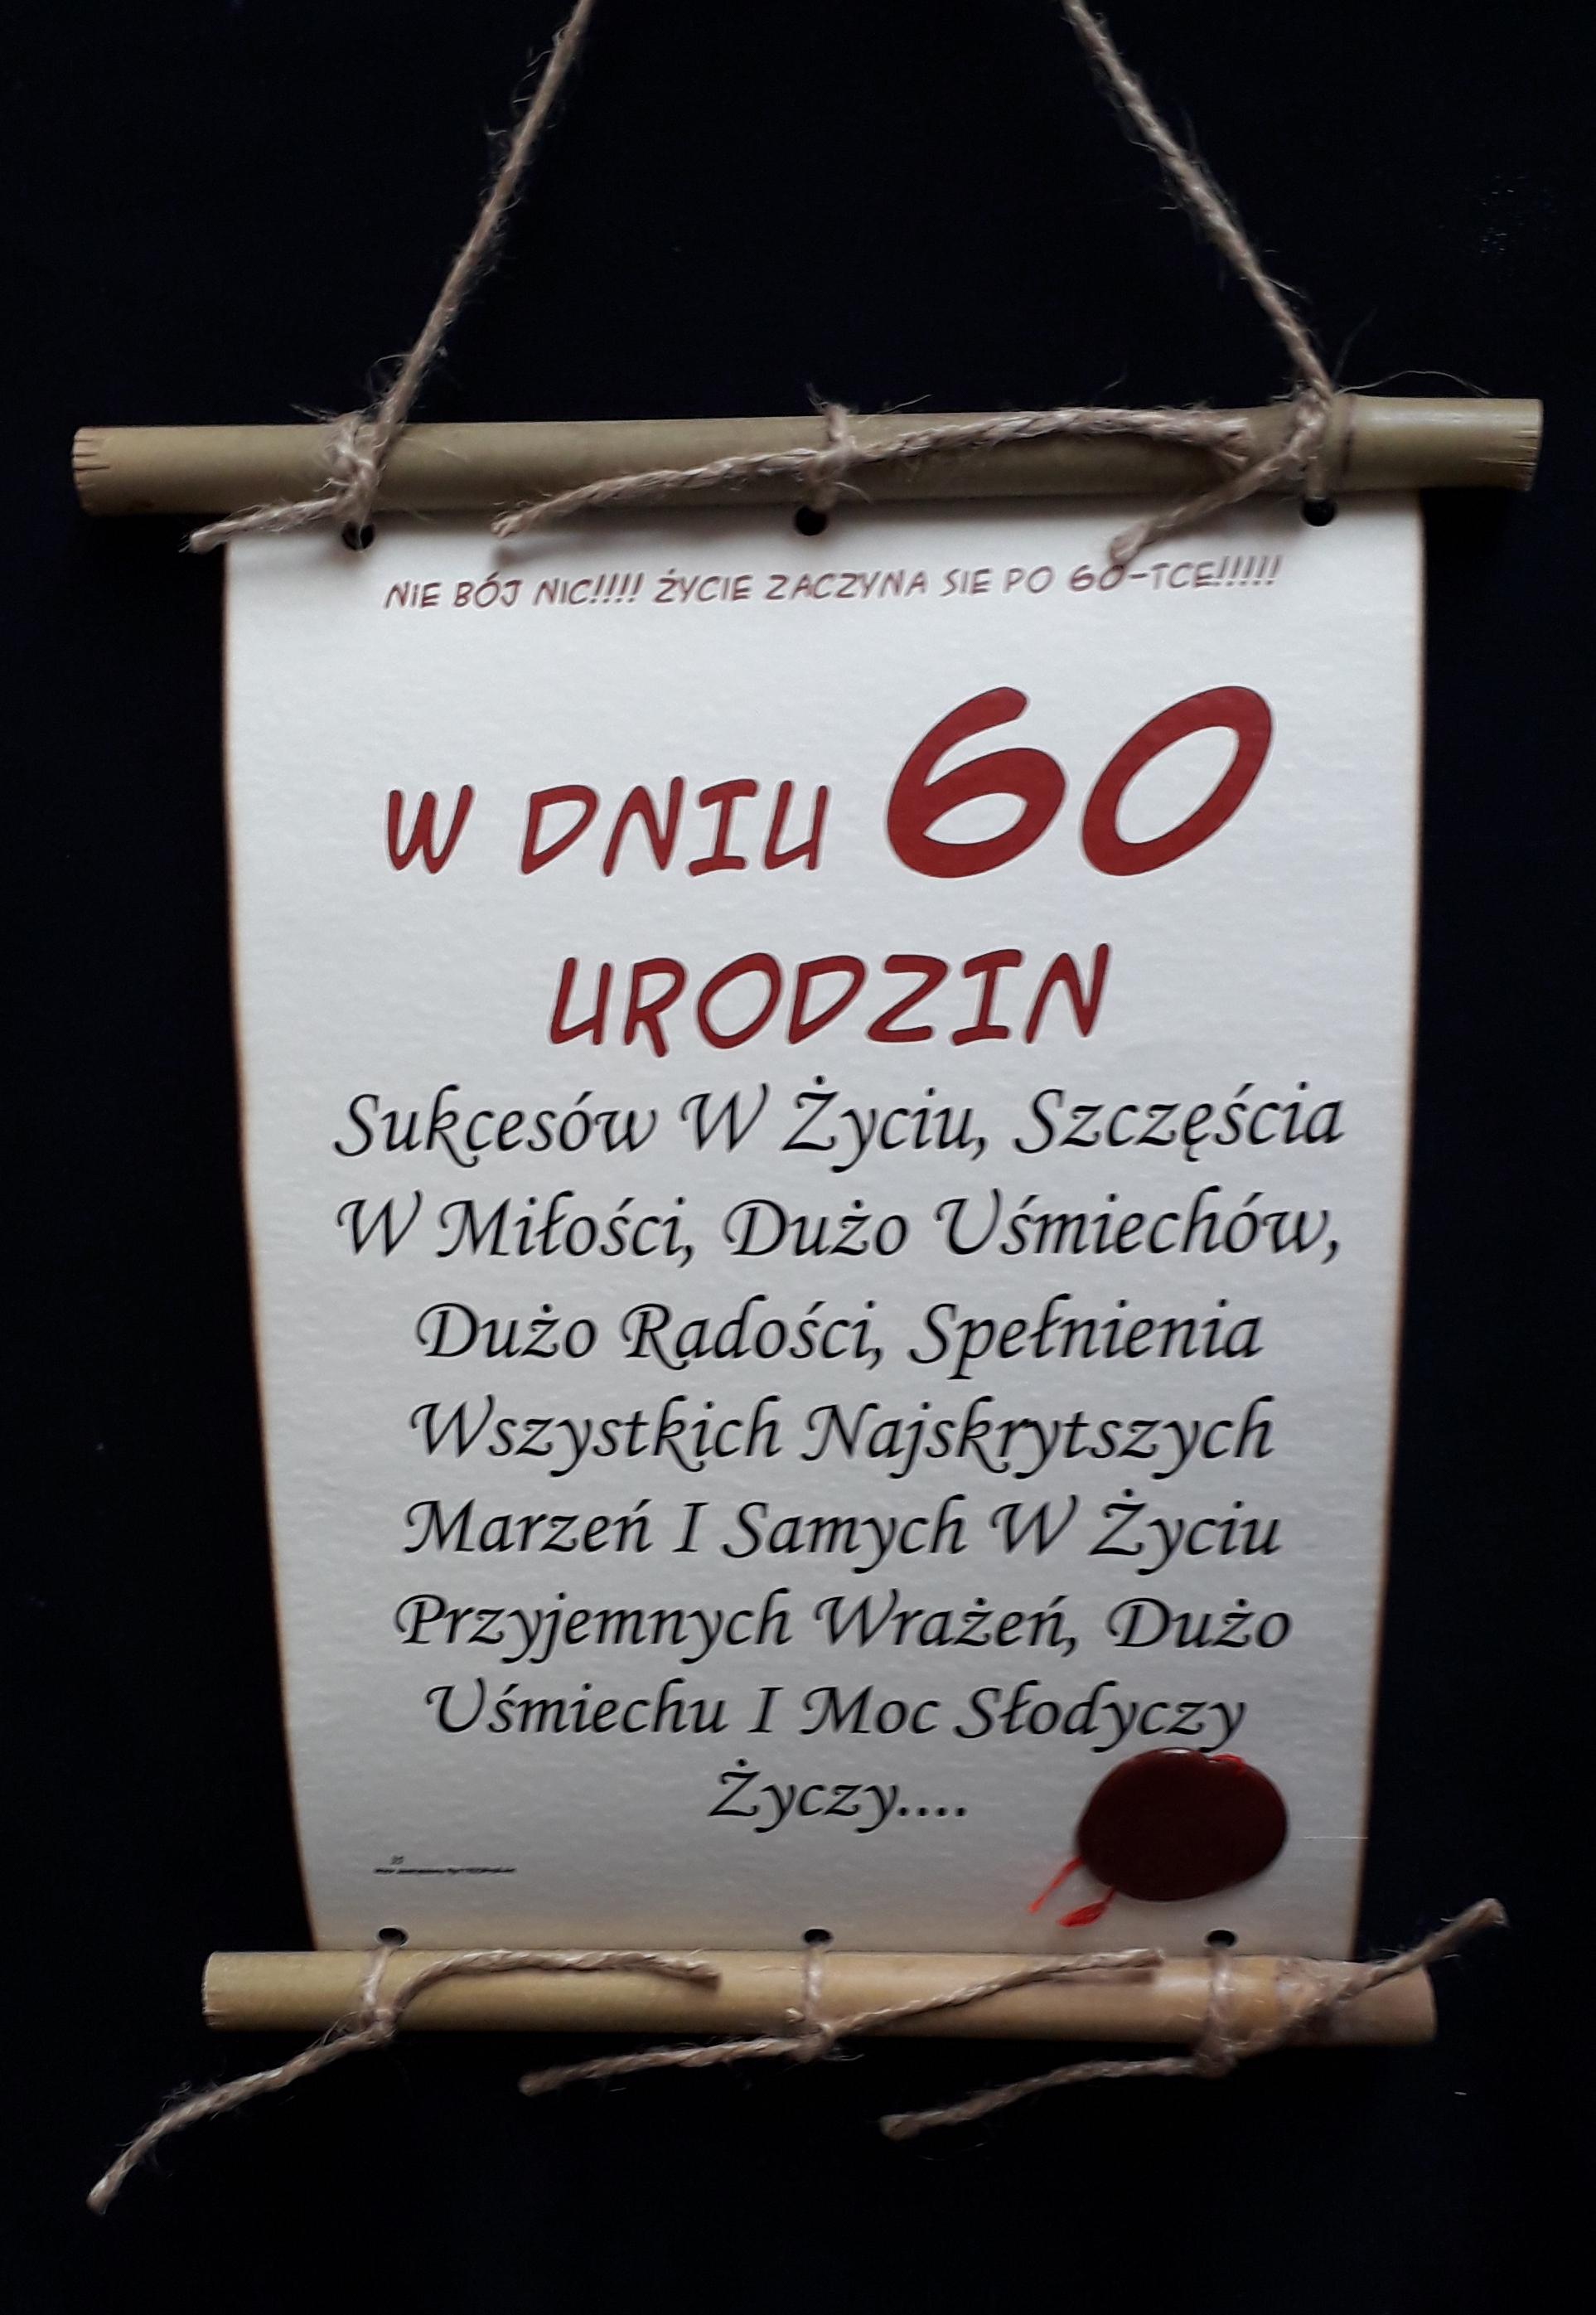 Dyplom-60-w dniu 60 urodzin (bambus)